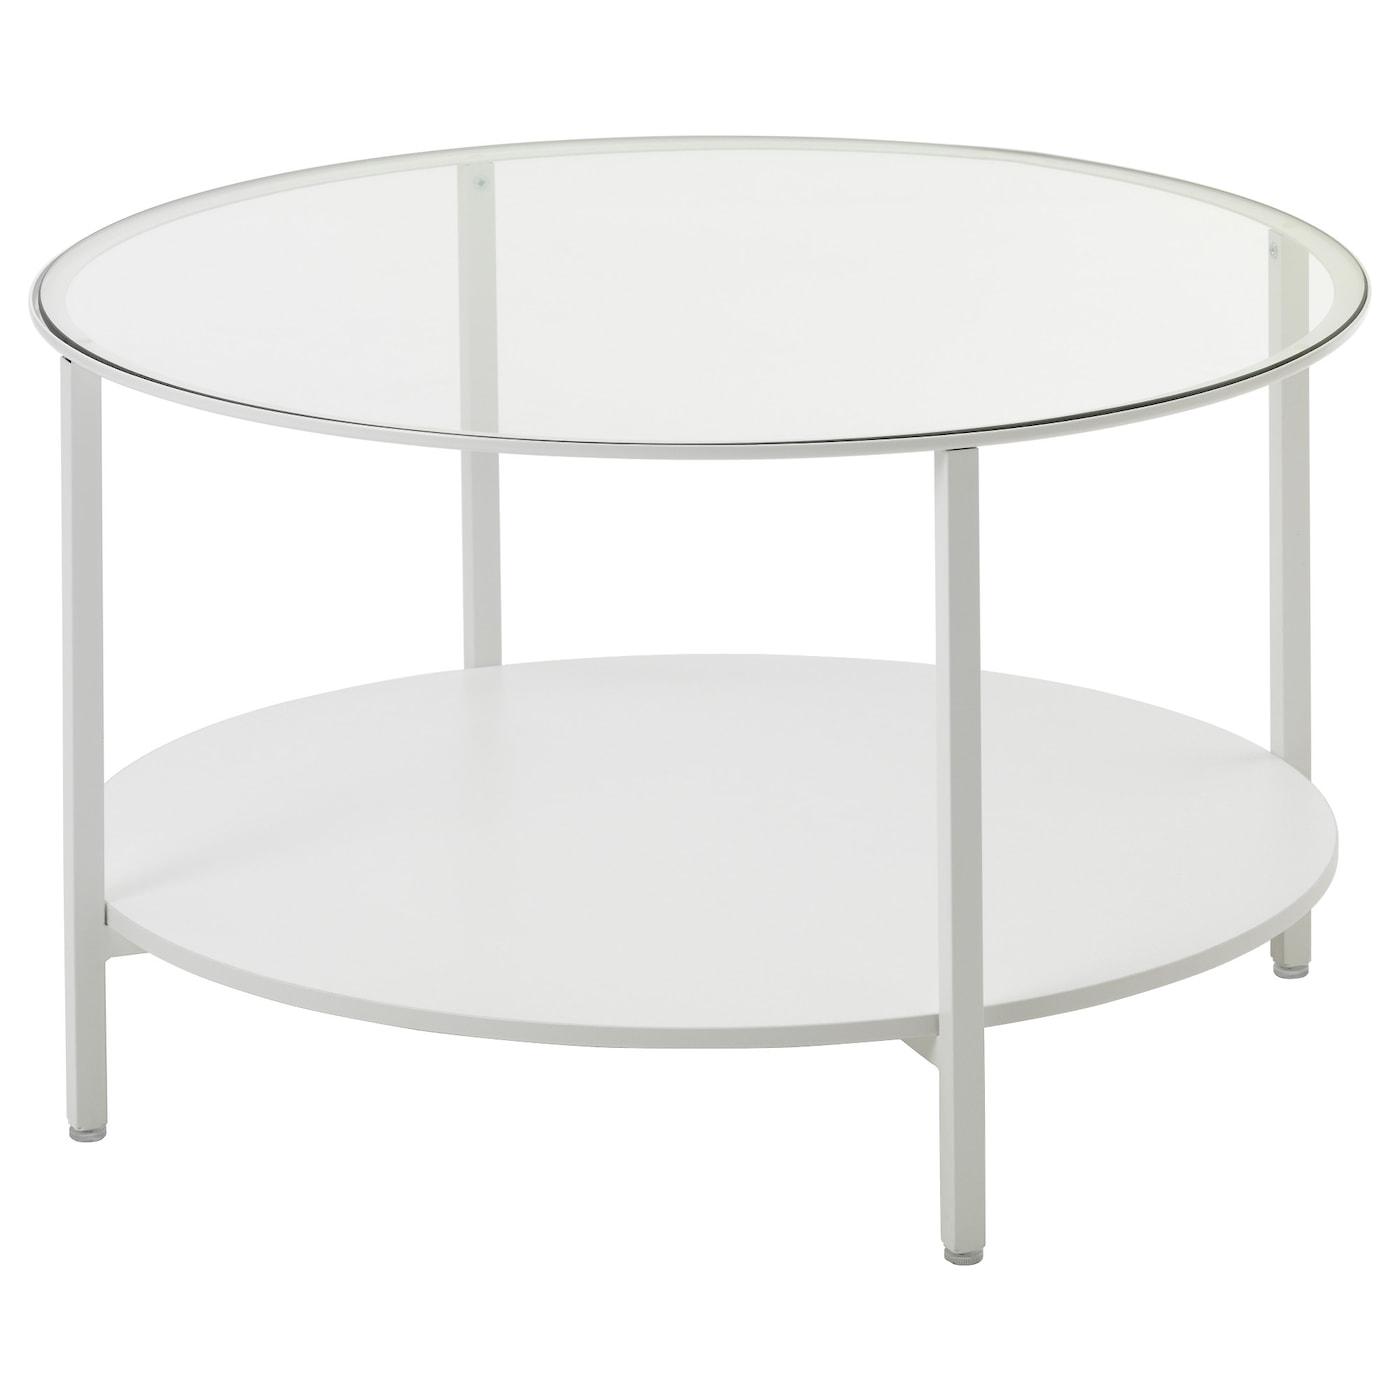 IKEA VITTSJ Couchtisch Weiss Glas